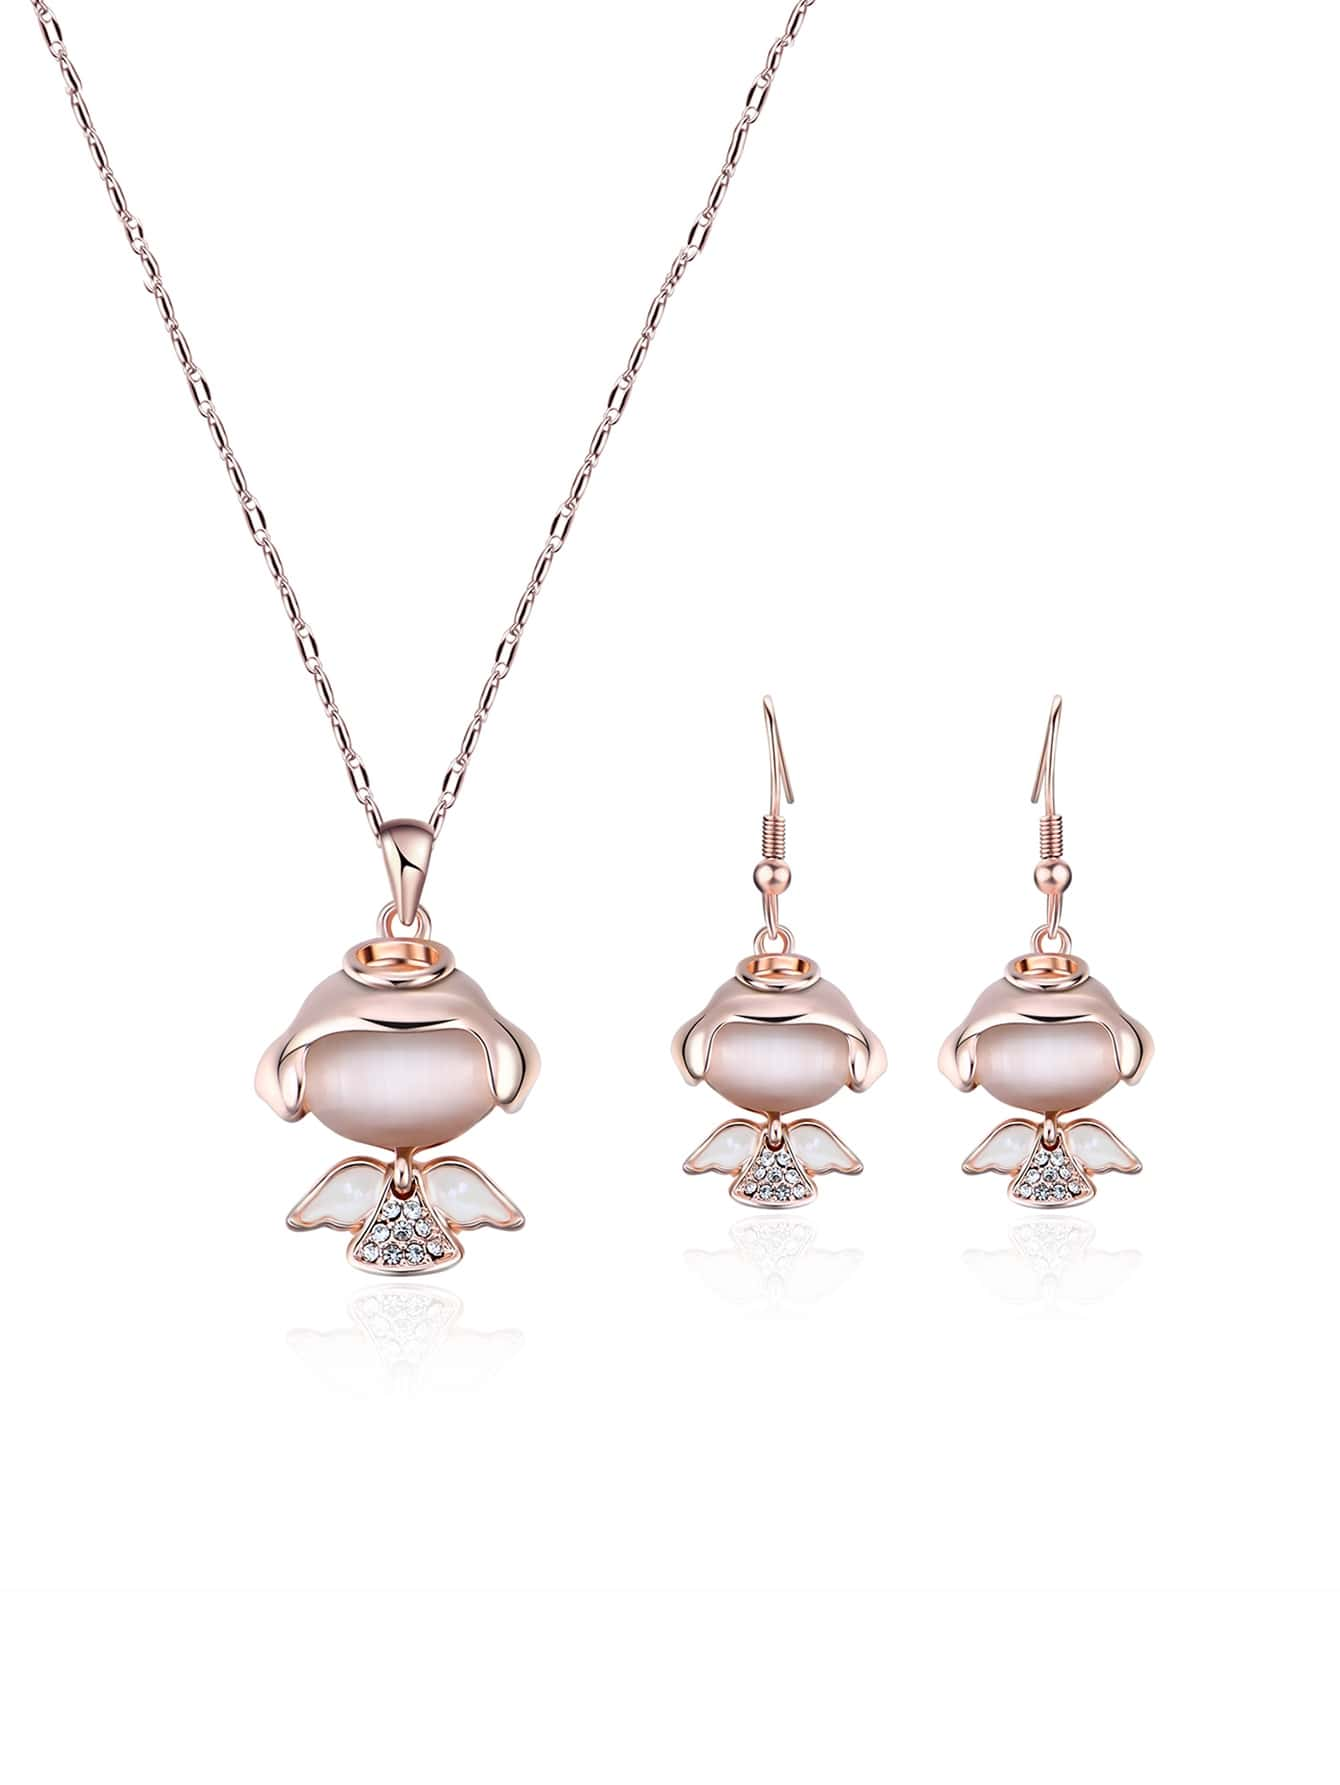 Engel Anhänger Halskette & Ohrringe Set